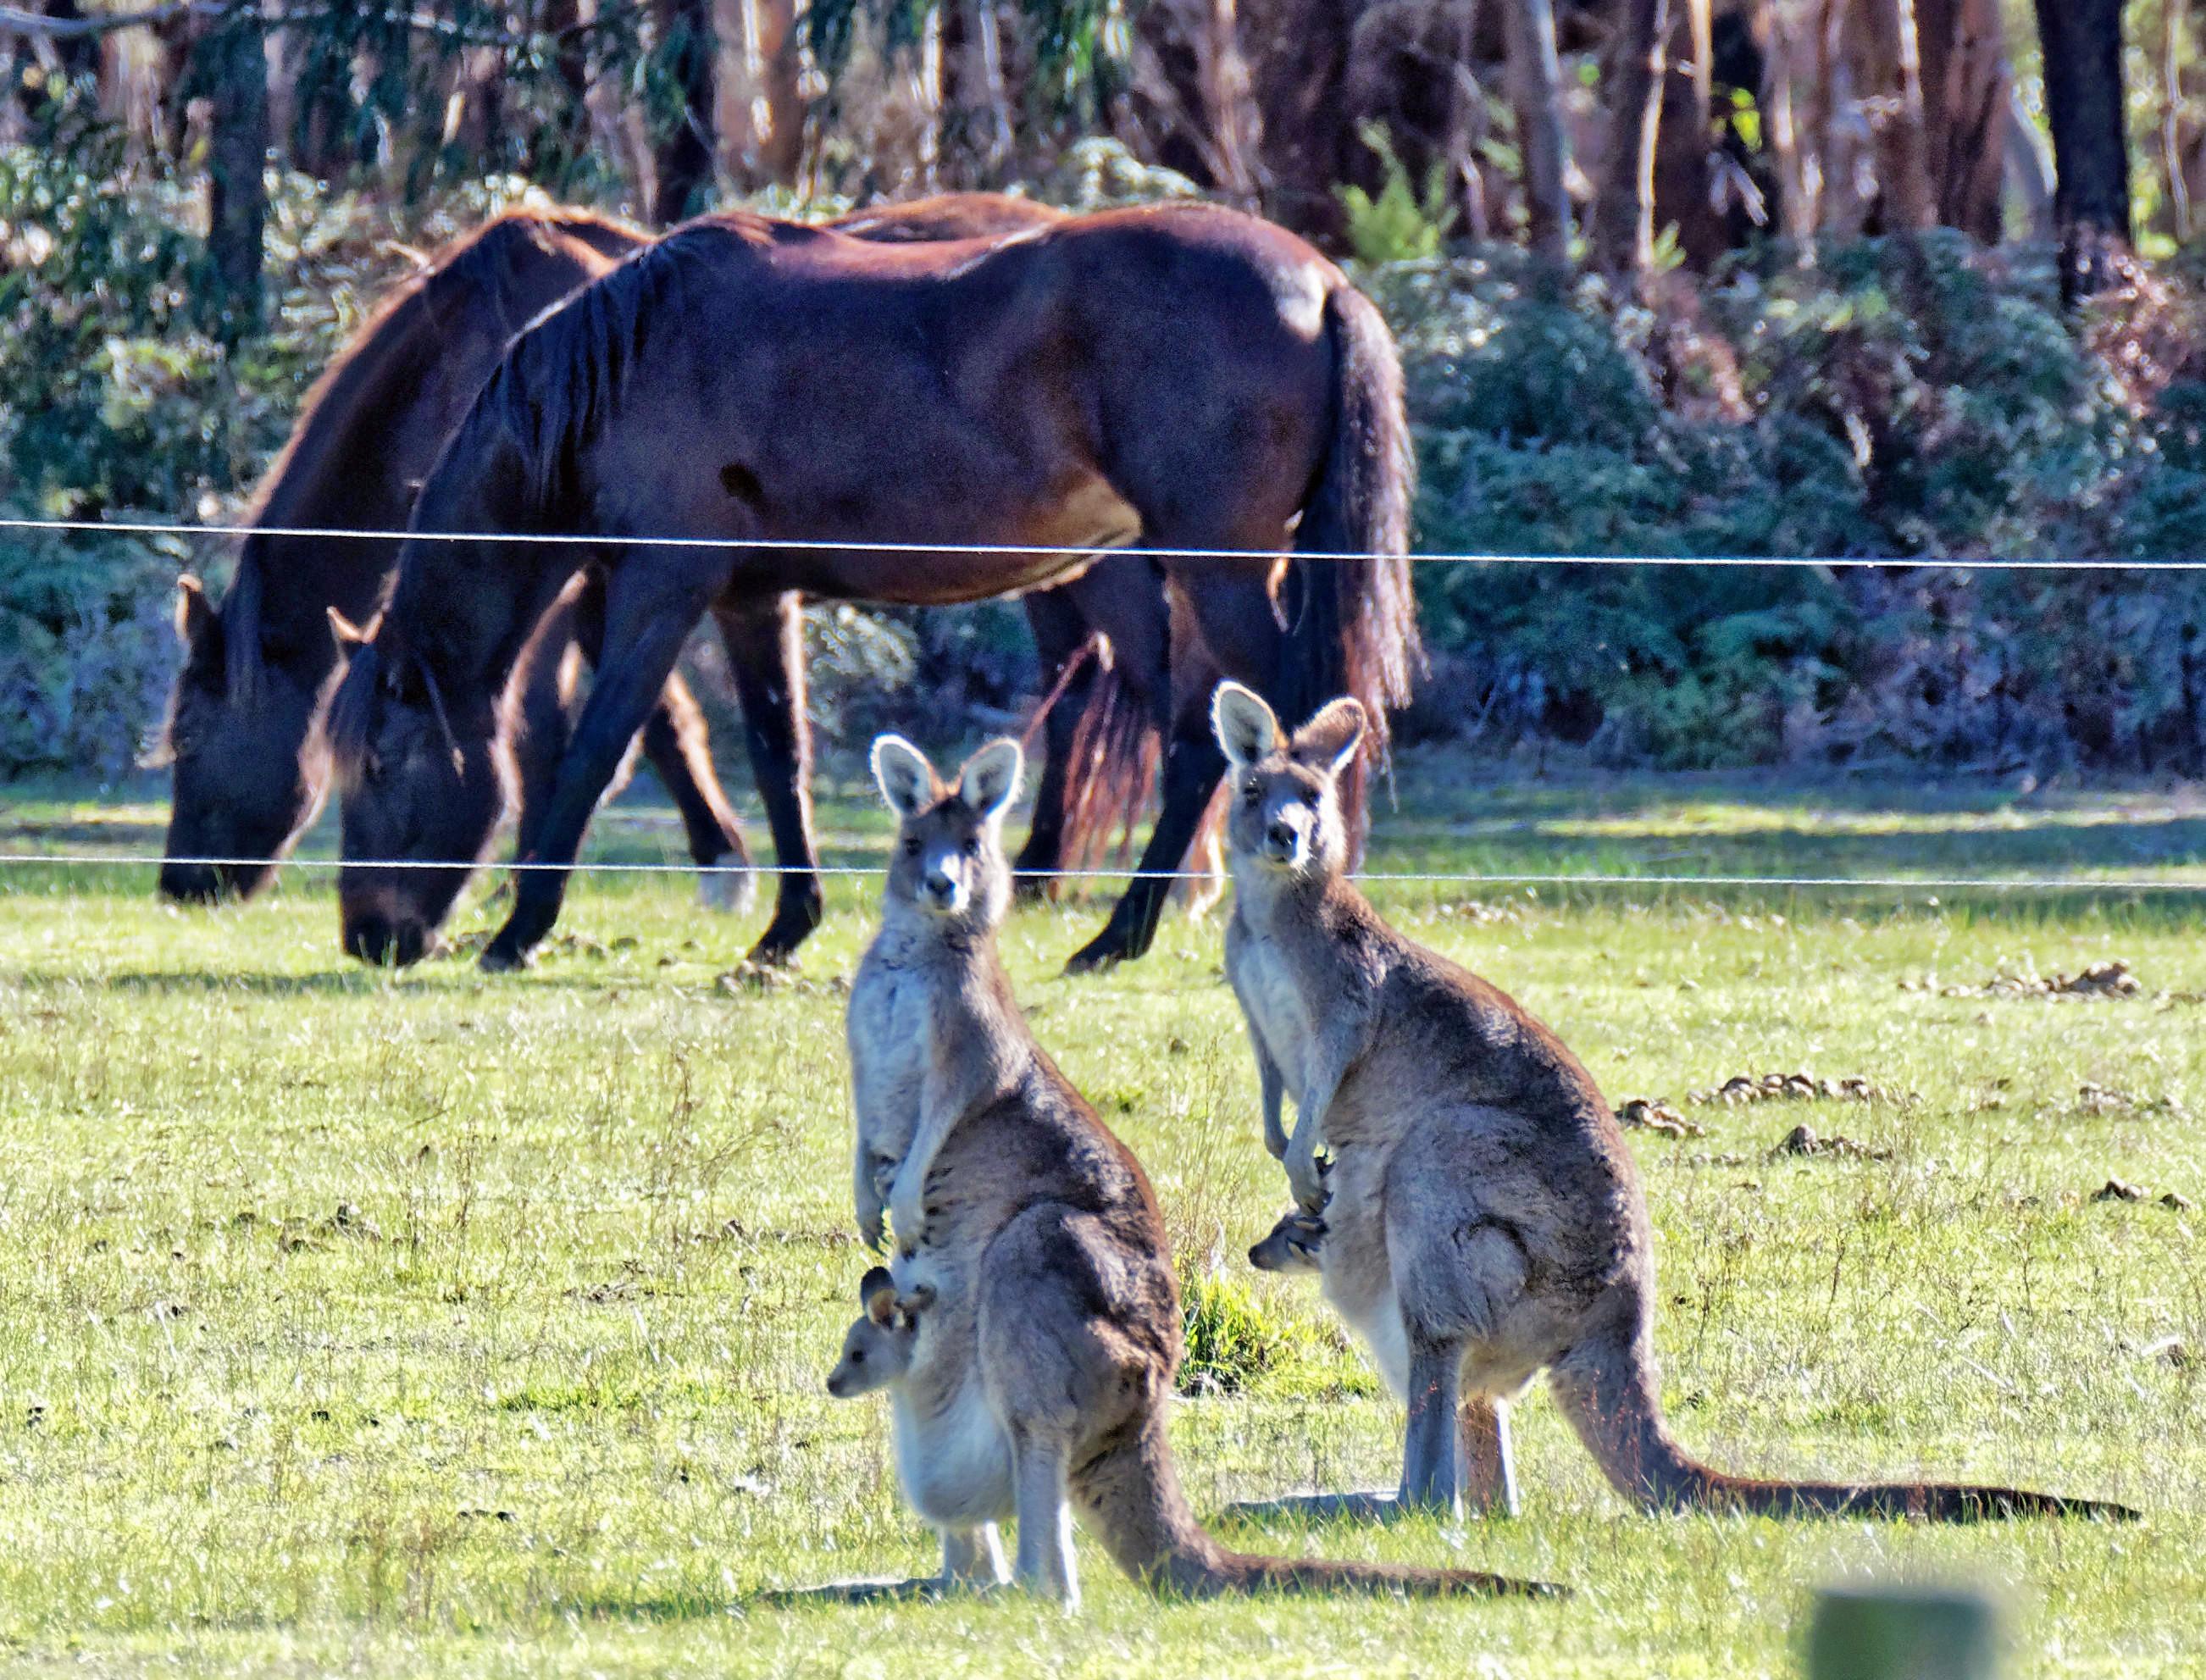 Kangaroos-53-detail.jpeg